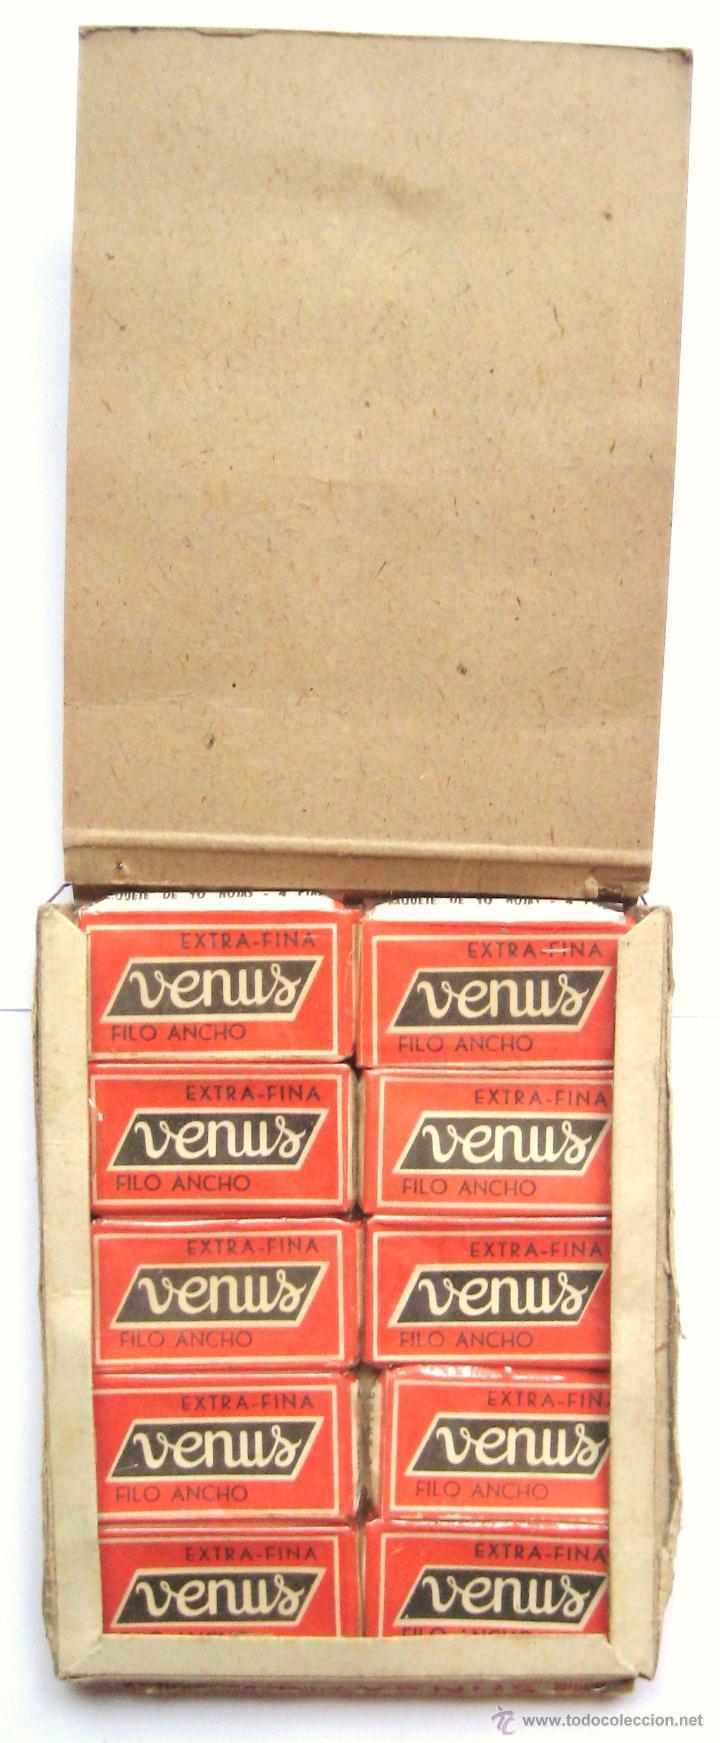 Antigüedades: EXPOSITOR PUBLICIDAD DE CUCHILLAS HOJAS DE AFEITAR VENUS AÑOS 50 - Foto 3 - 46210345